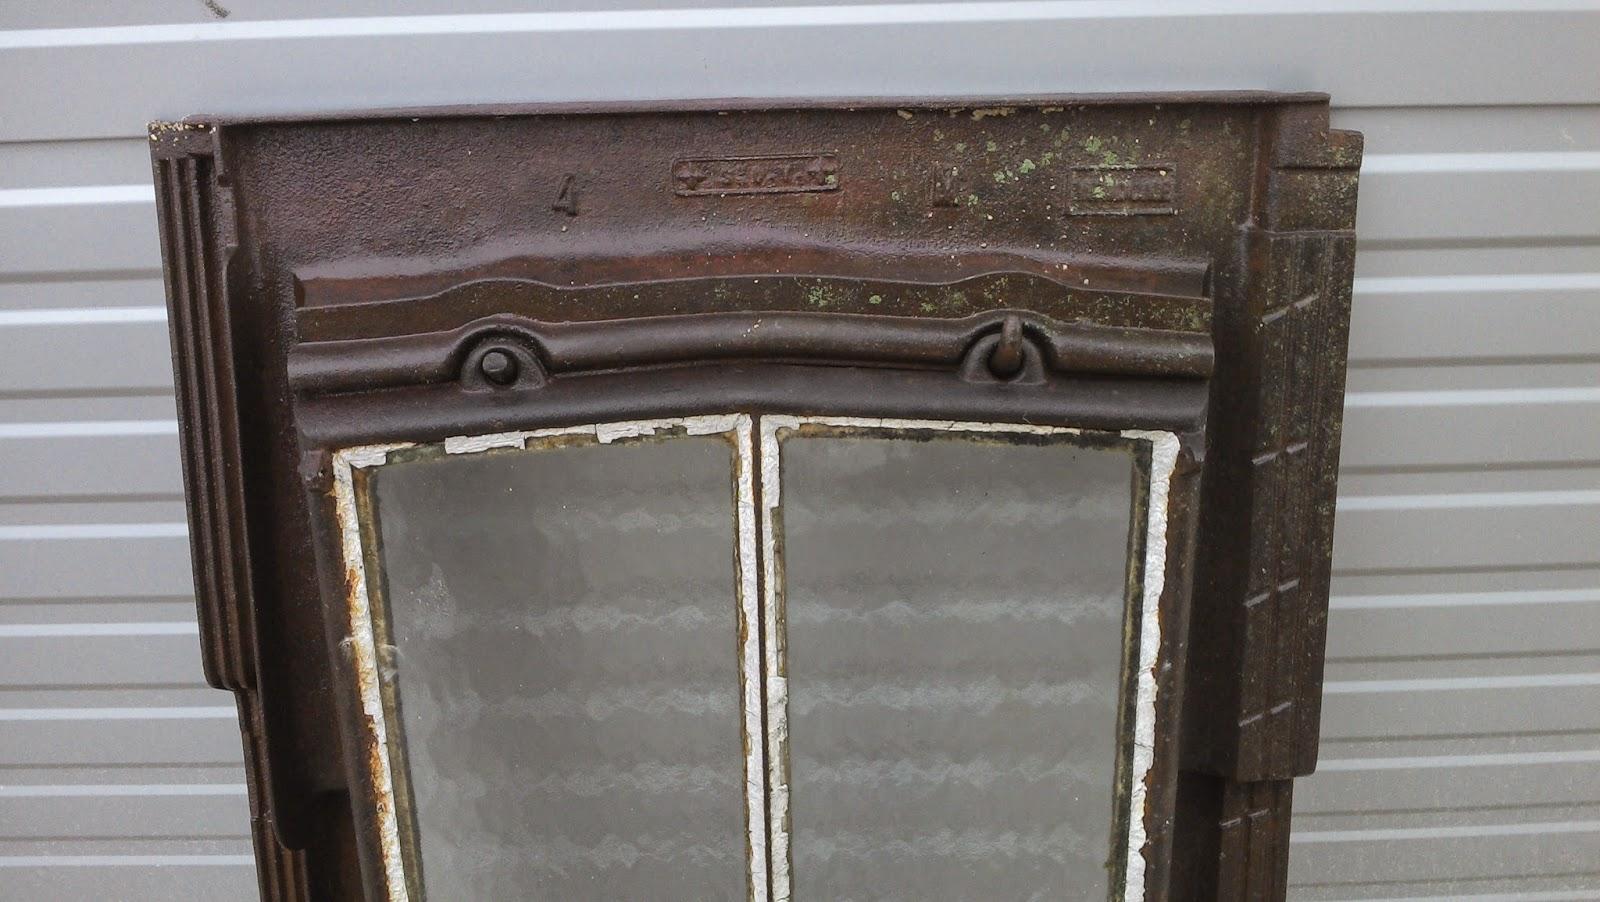 l ment d 39 architecture fen tre de toit tabati re fonte moul e 1900. Black Bedroom Furniture Sets. Home Design Ideas